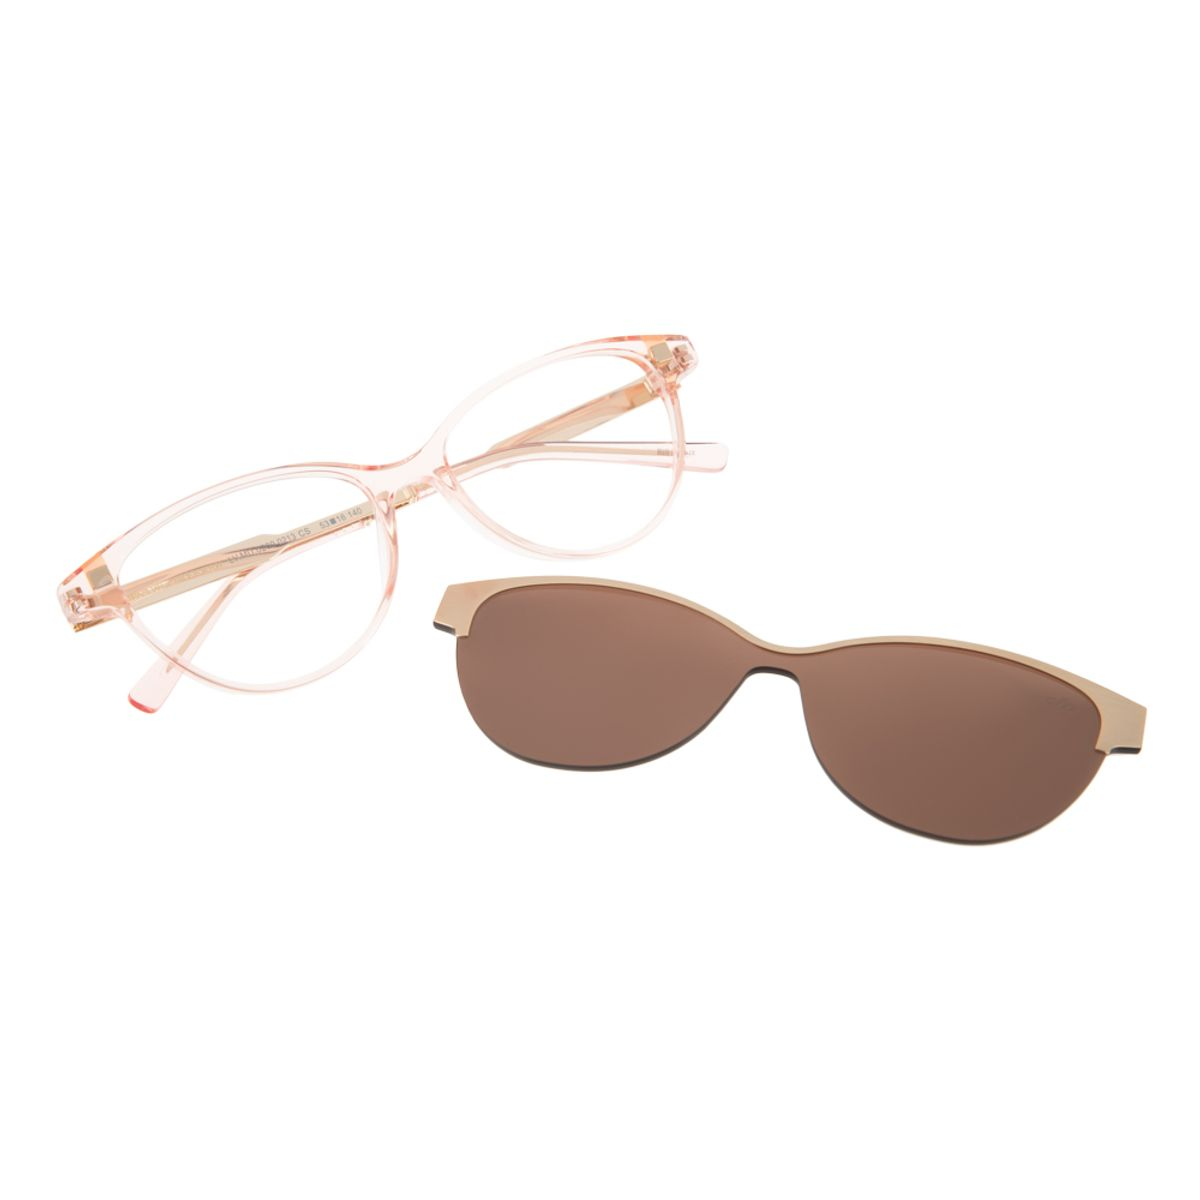 616593d81 Armação para Óculos de Grau Chilli Beans Gatinho Multi Clip On Rosa -  LV.MU.0200.0213 M. REF: LV.MU.0200.0213. Previous